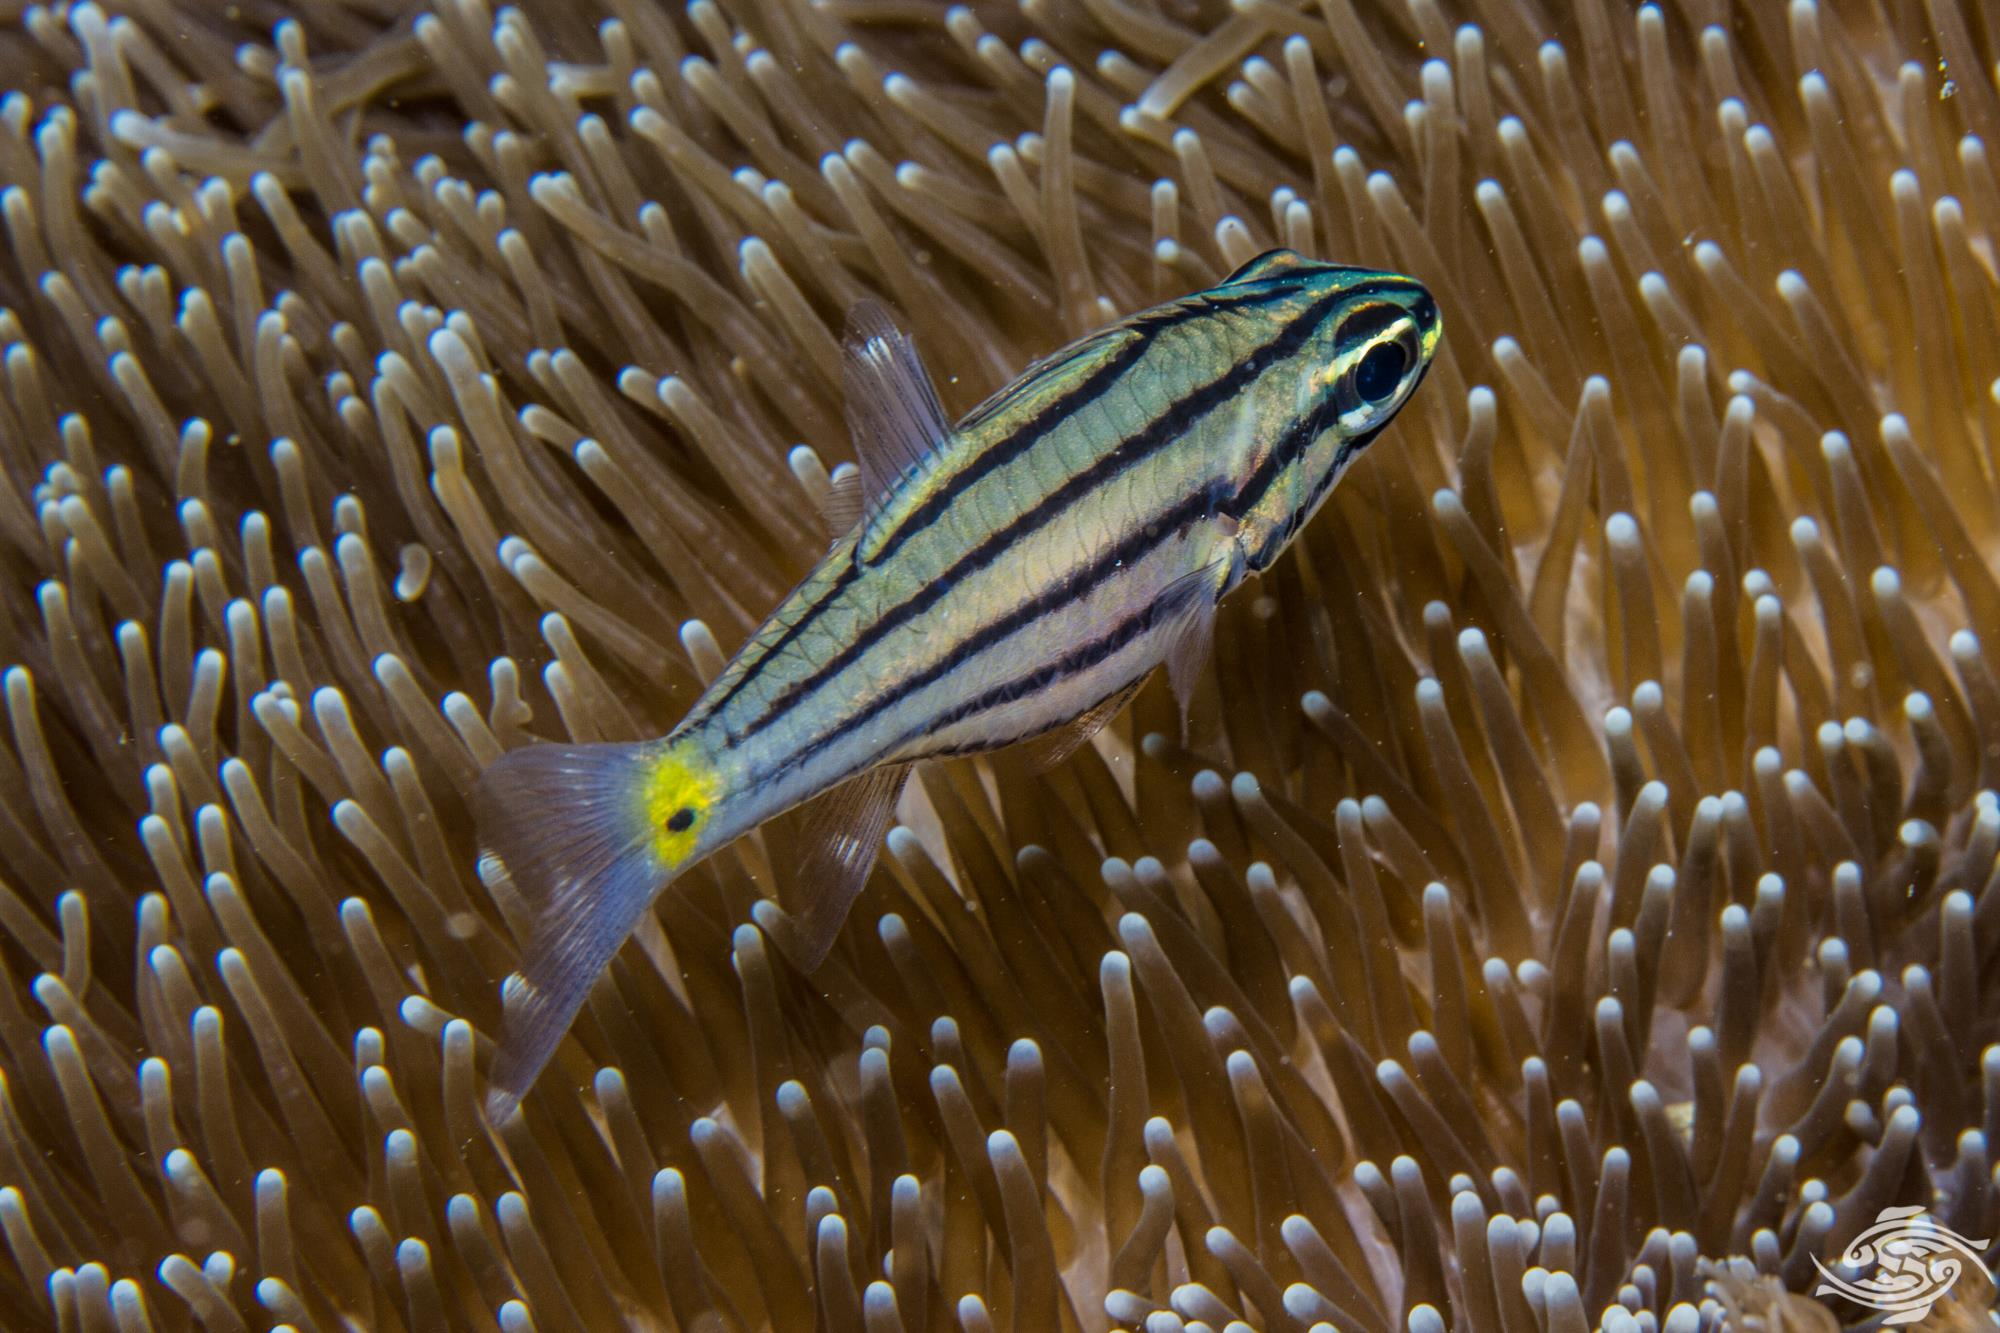 Five-lined cardinalfish, Cheilodipterus quinquelineatus